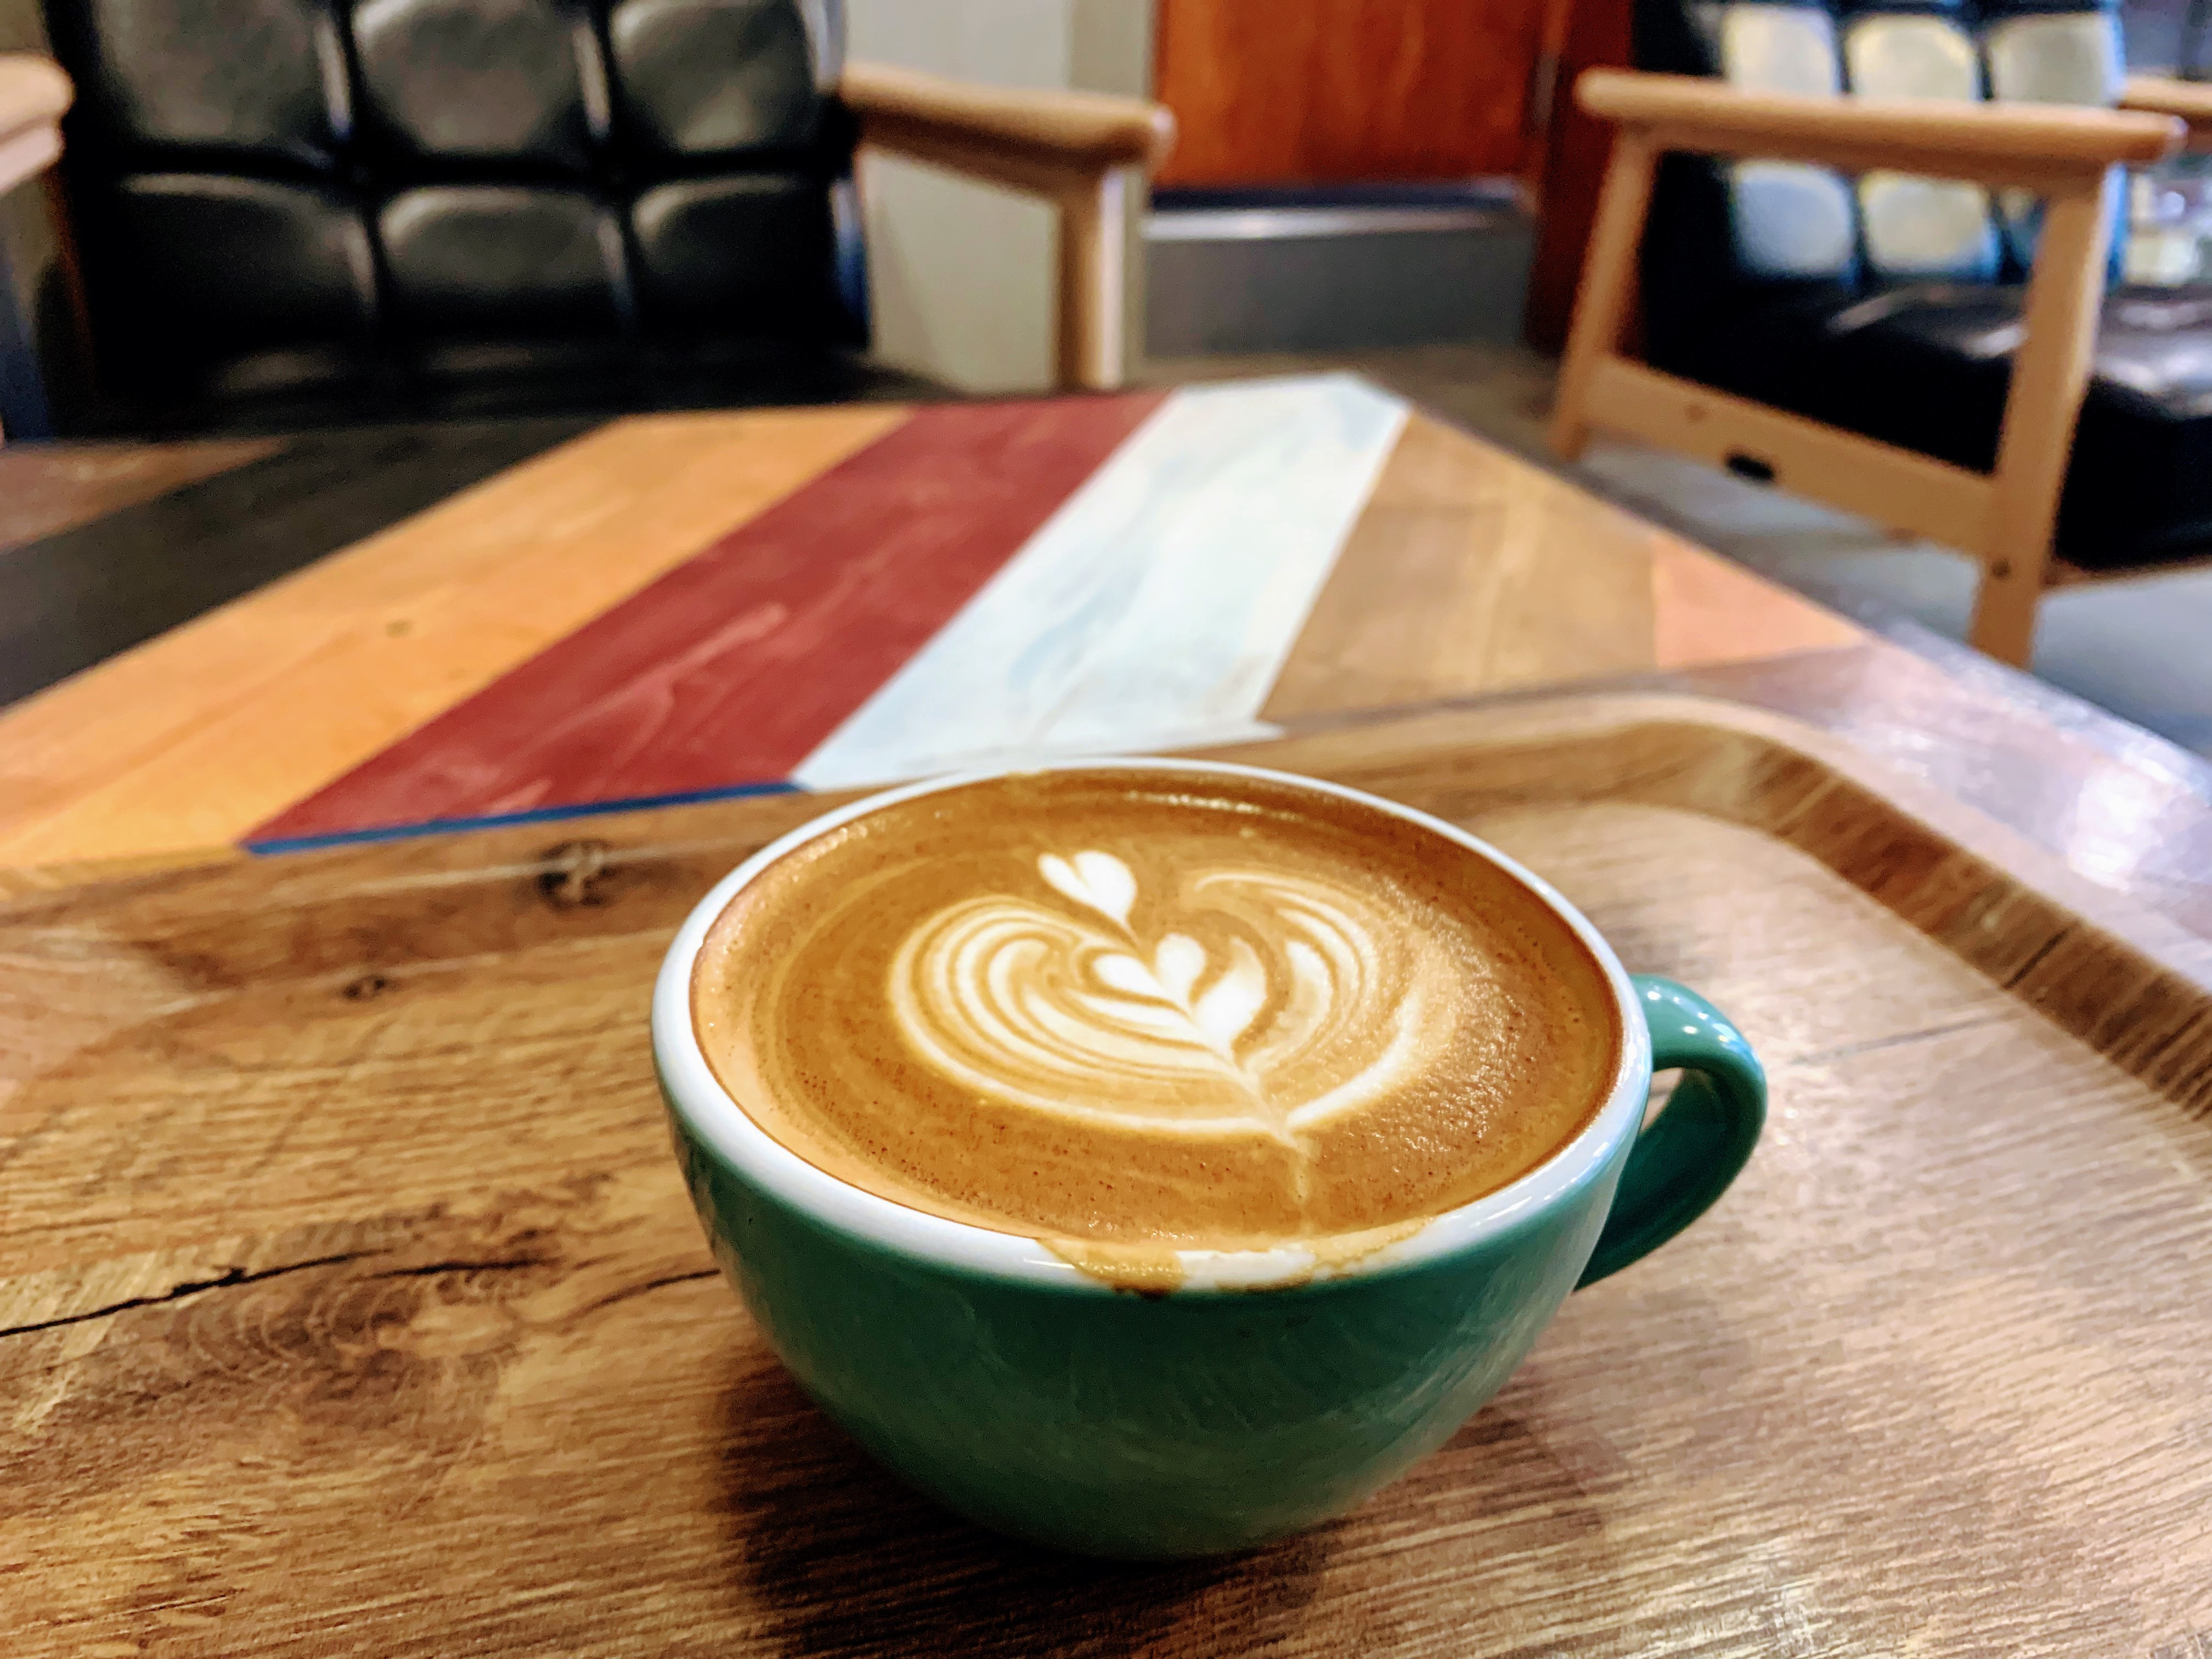 【岡山市】一人でも入りやすくお洒落なカフェ【JOE's COFFEE】